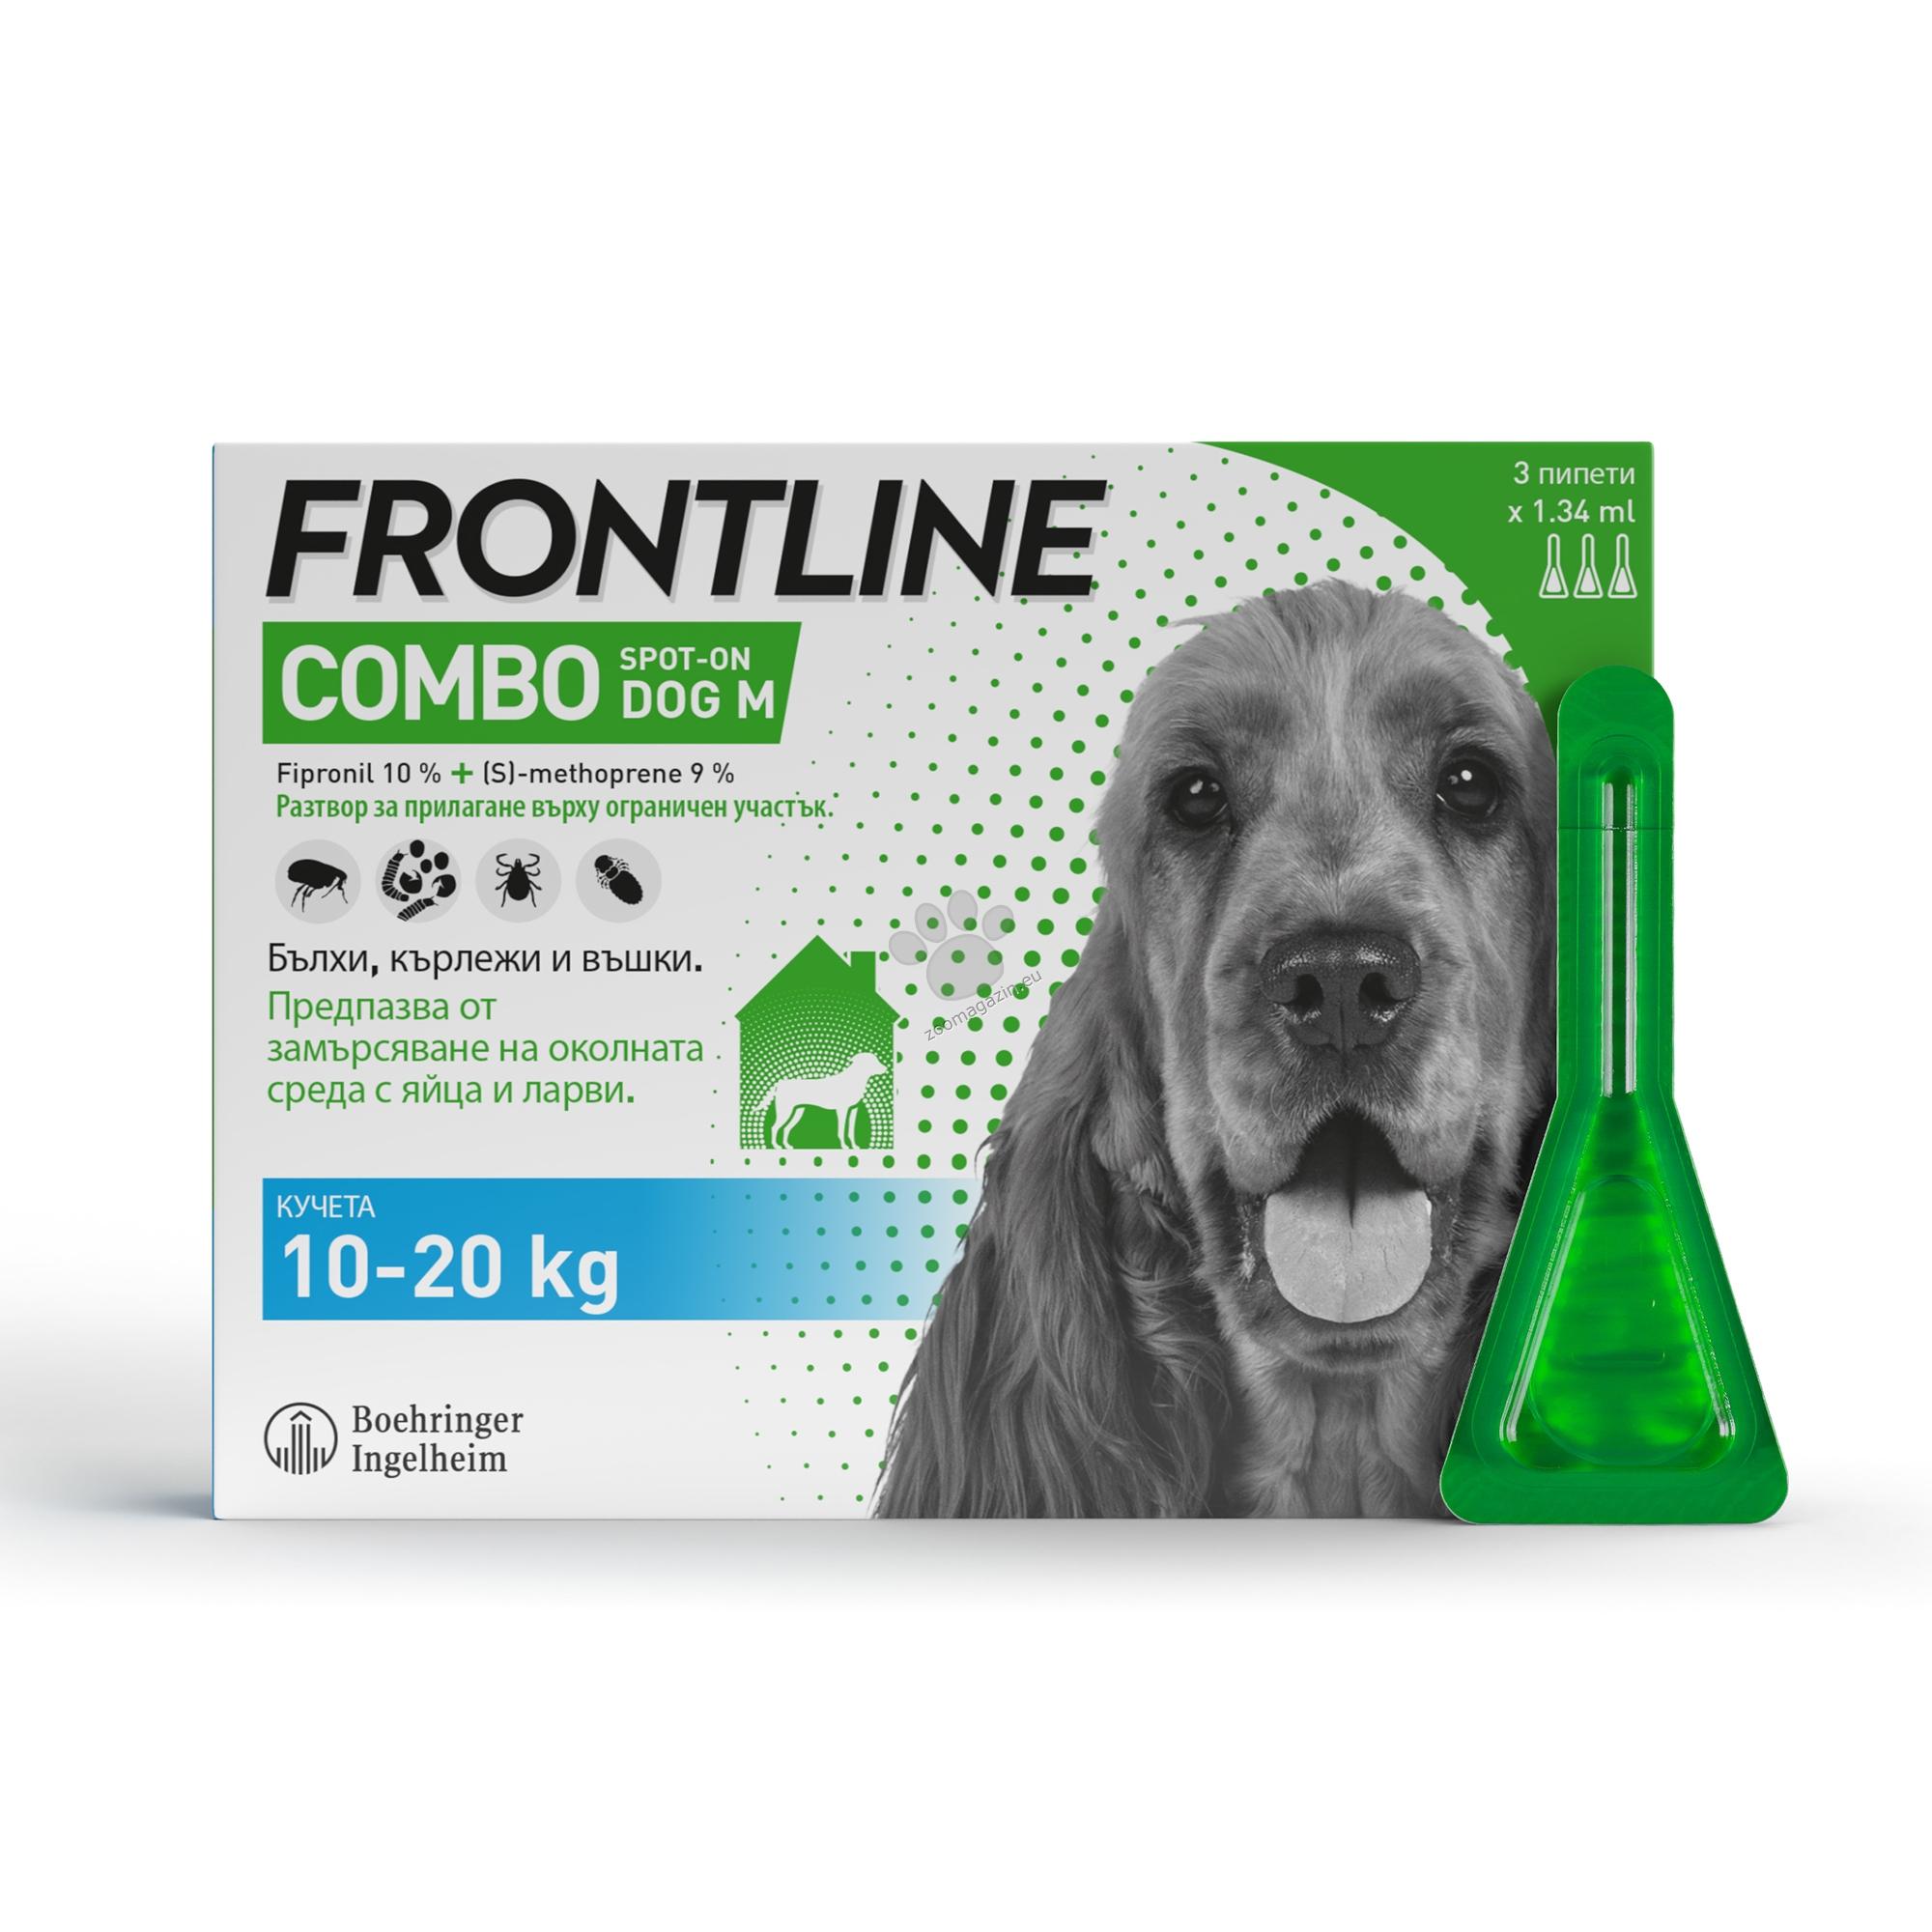 Frontline Combo spot on М - противопаразитна пипета за кучета от 10 до 20 кг.